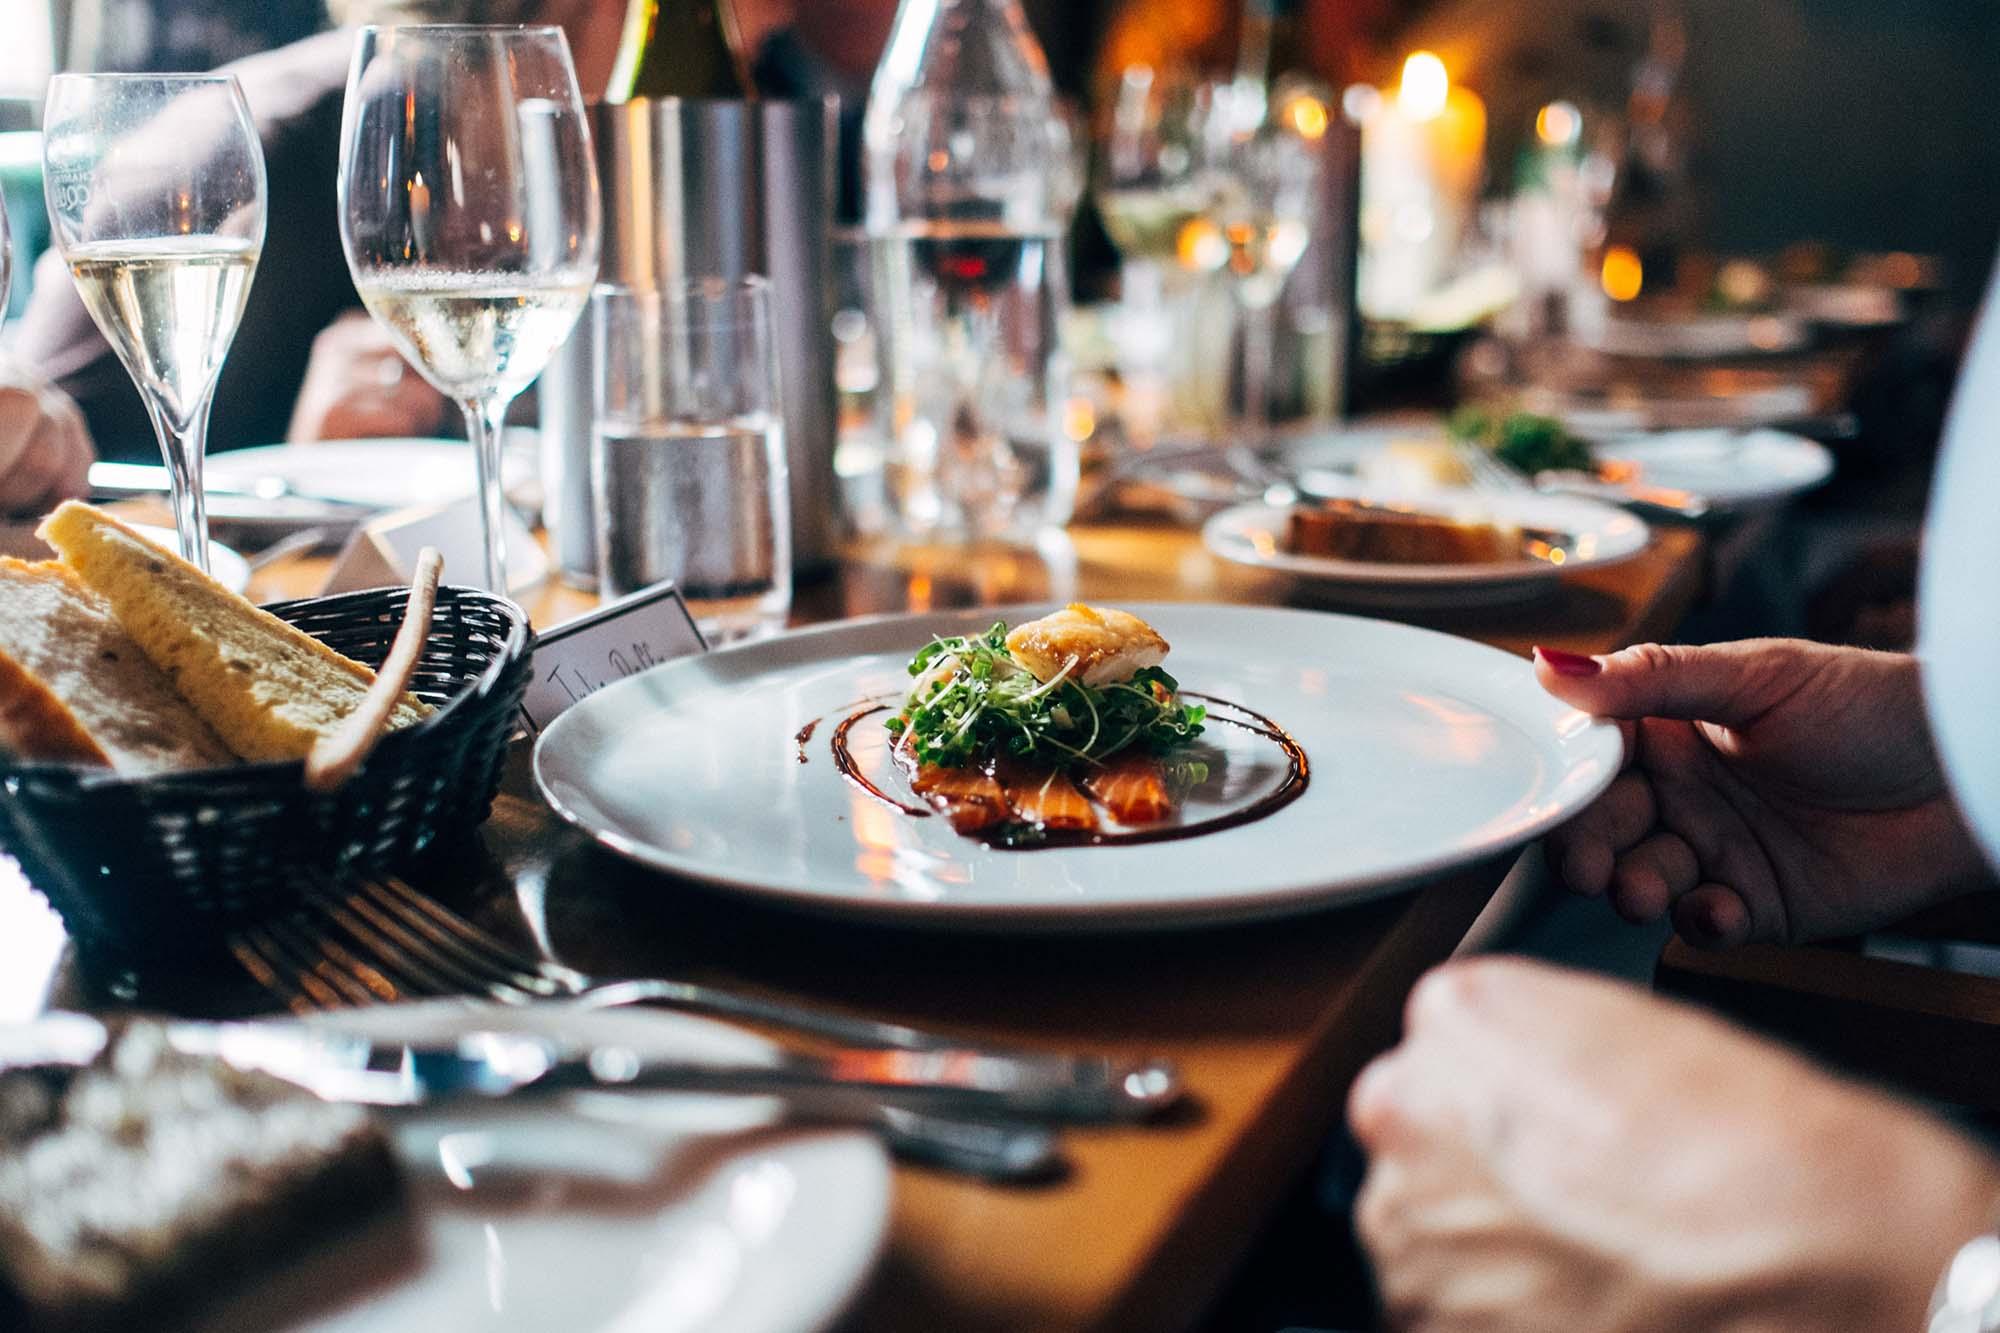 Réservations UNIQUEMENT pour les repas sur place